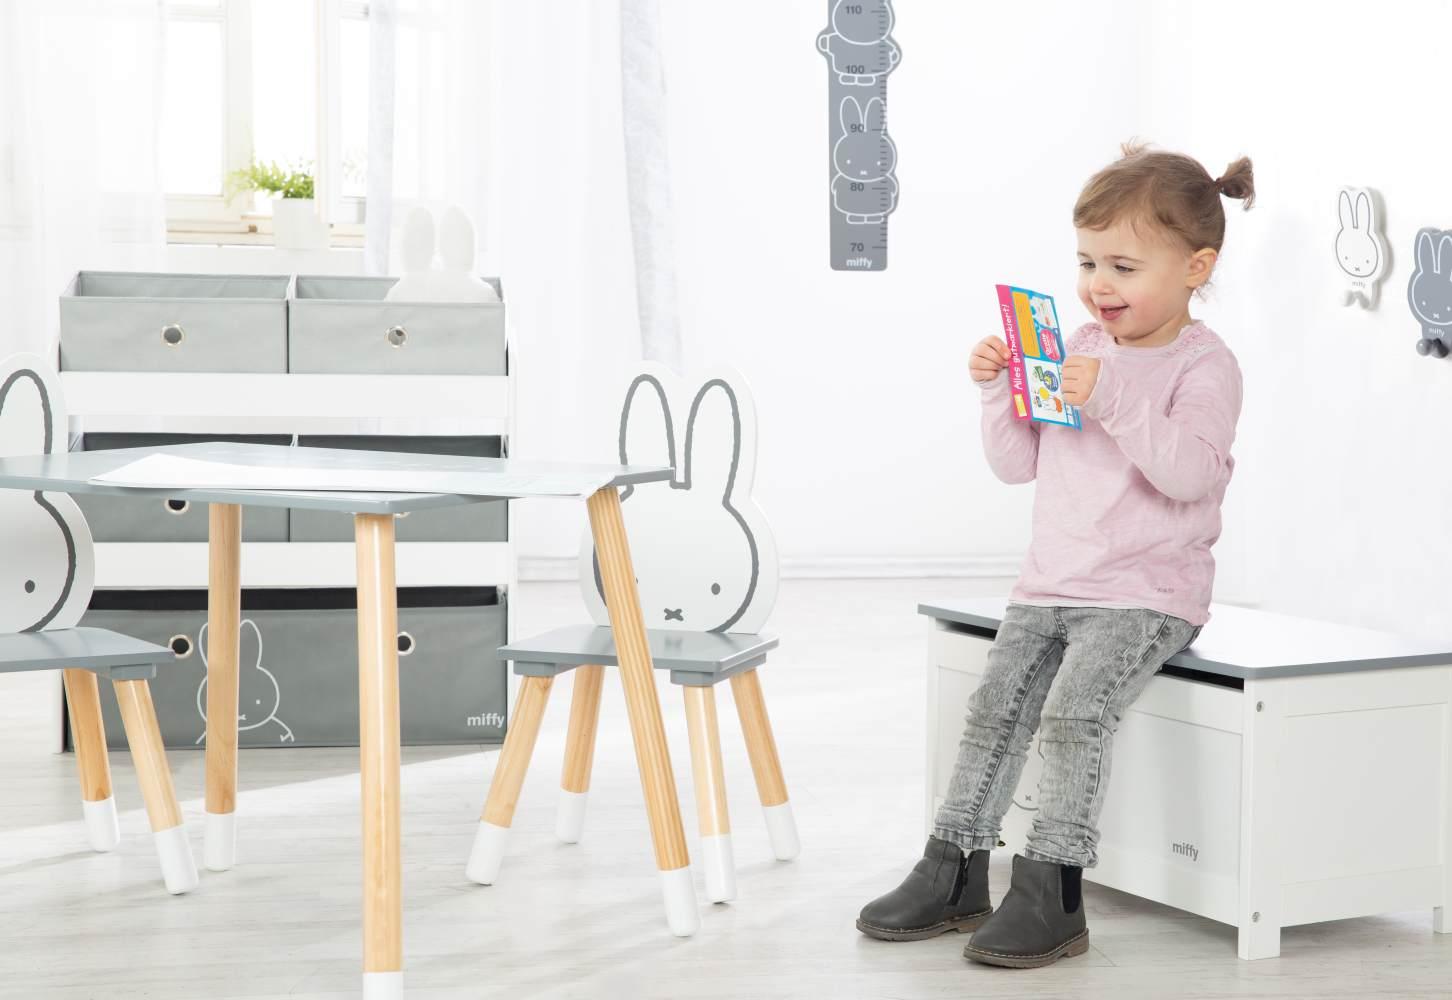 Roba 'Miffy' Spielzeugtruhe weiß/grau Bild 1